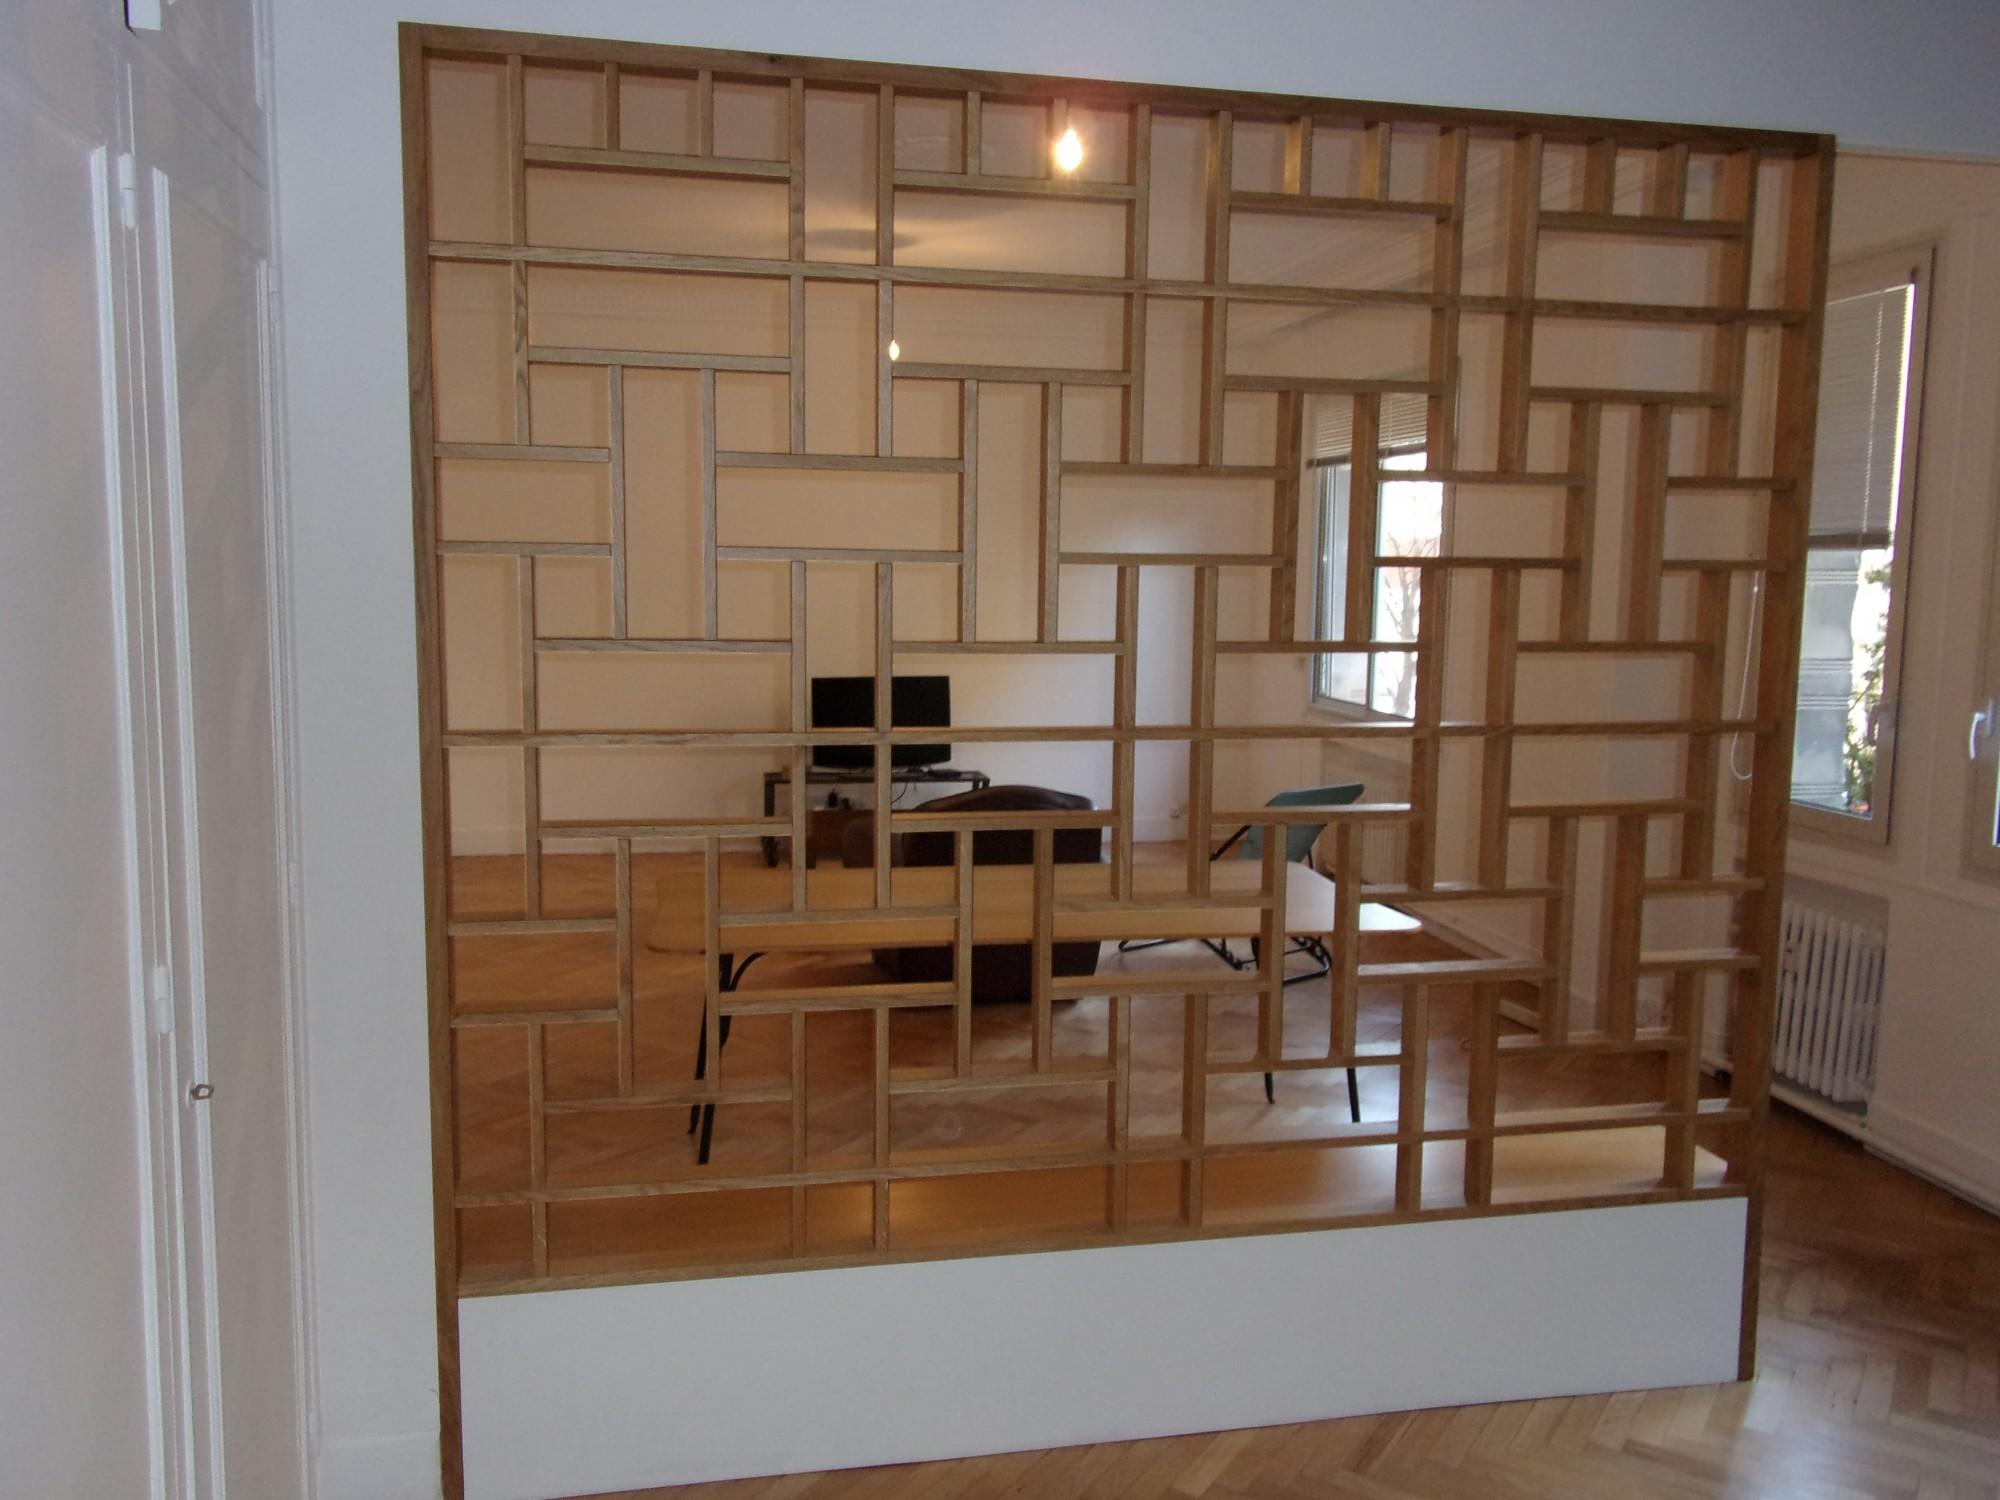 Claustra Intérieur En Bois fabrication d'une cloison bibliothèque façon claustra, en